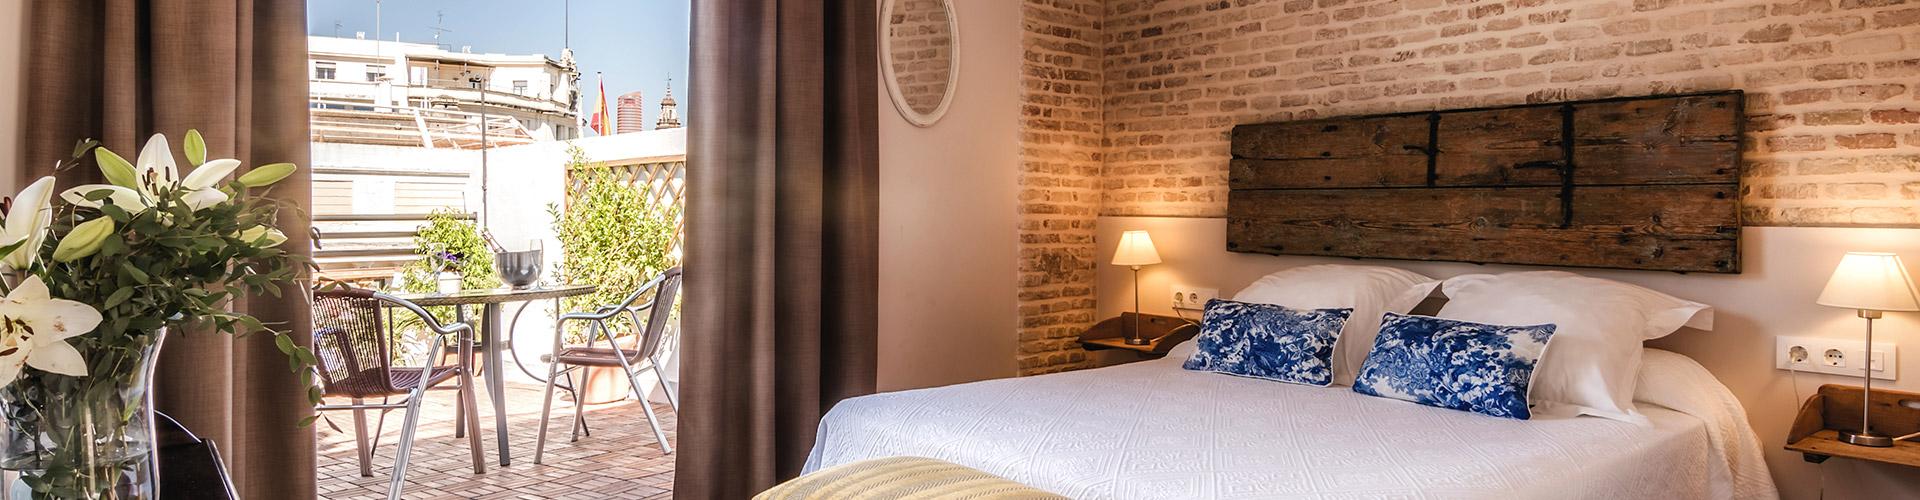 Hotel casa de col n hoteles con encanto en sevilla for Como reservar una habitacion en un hotel